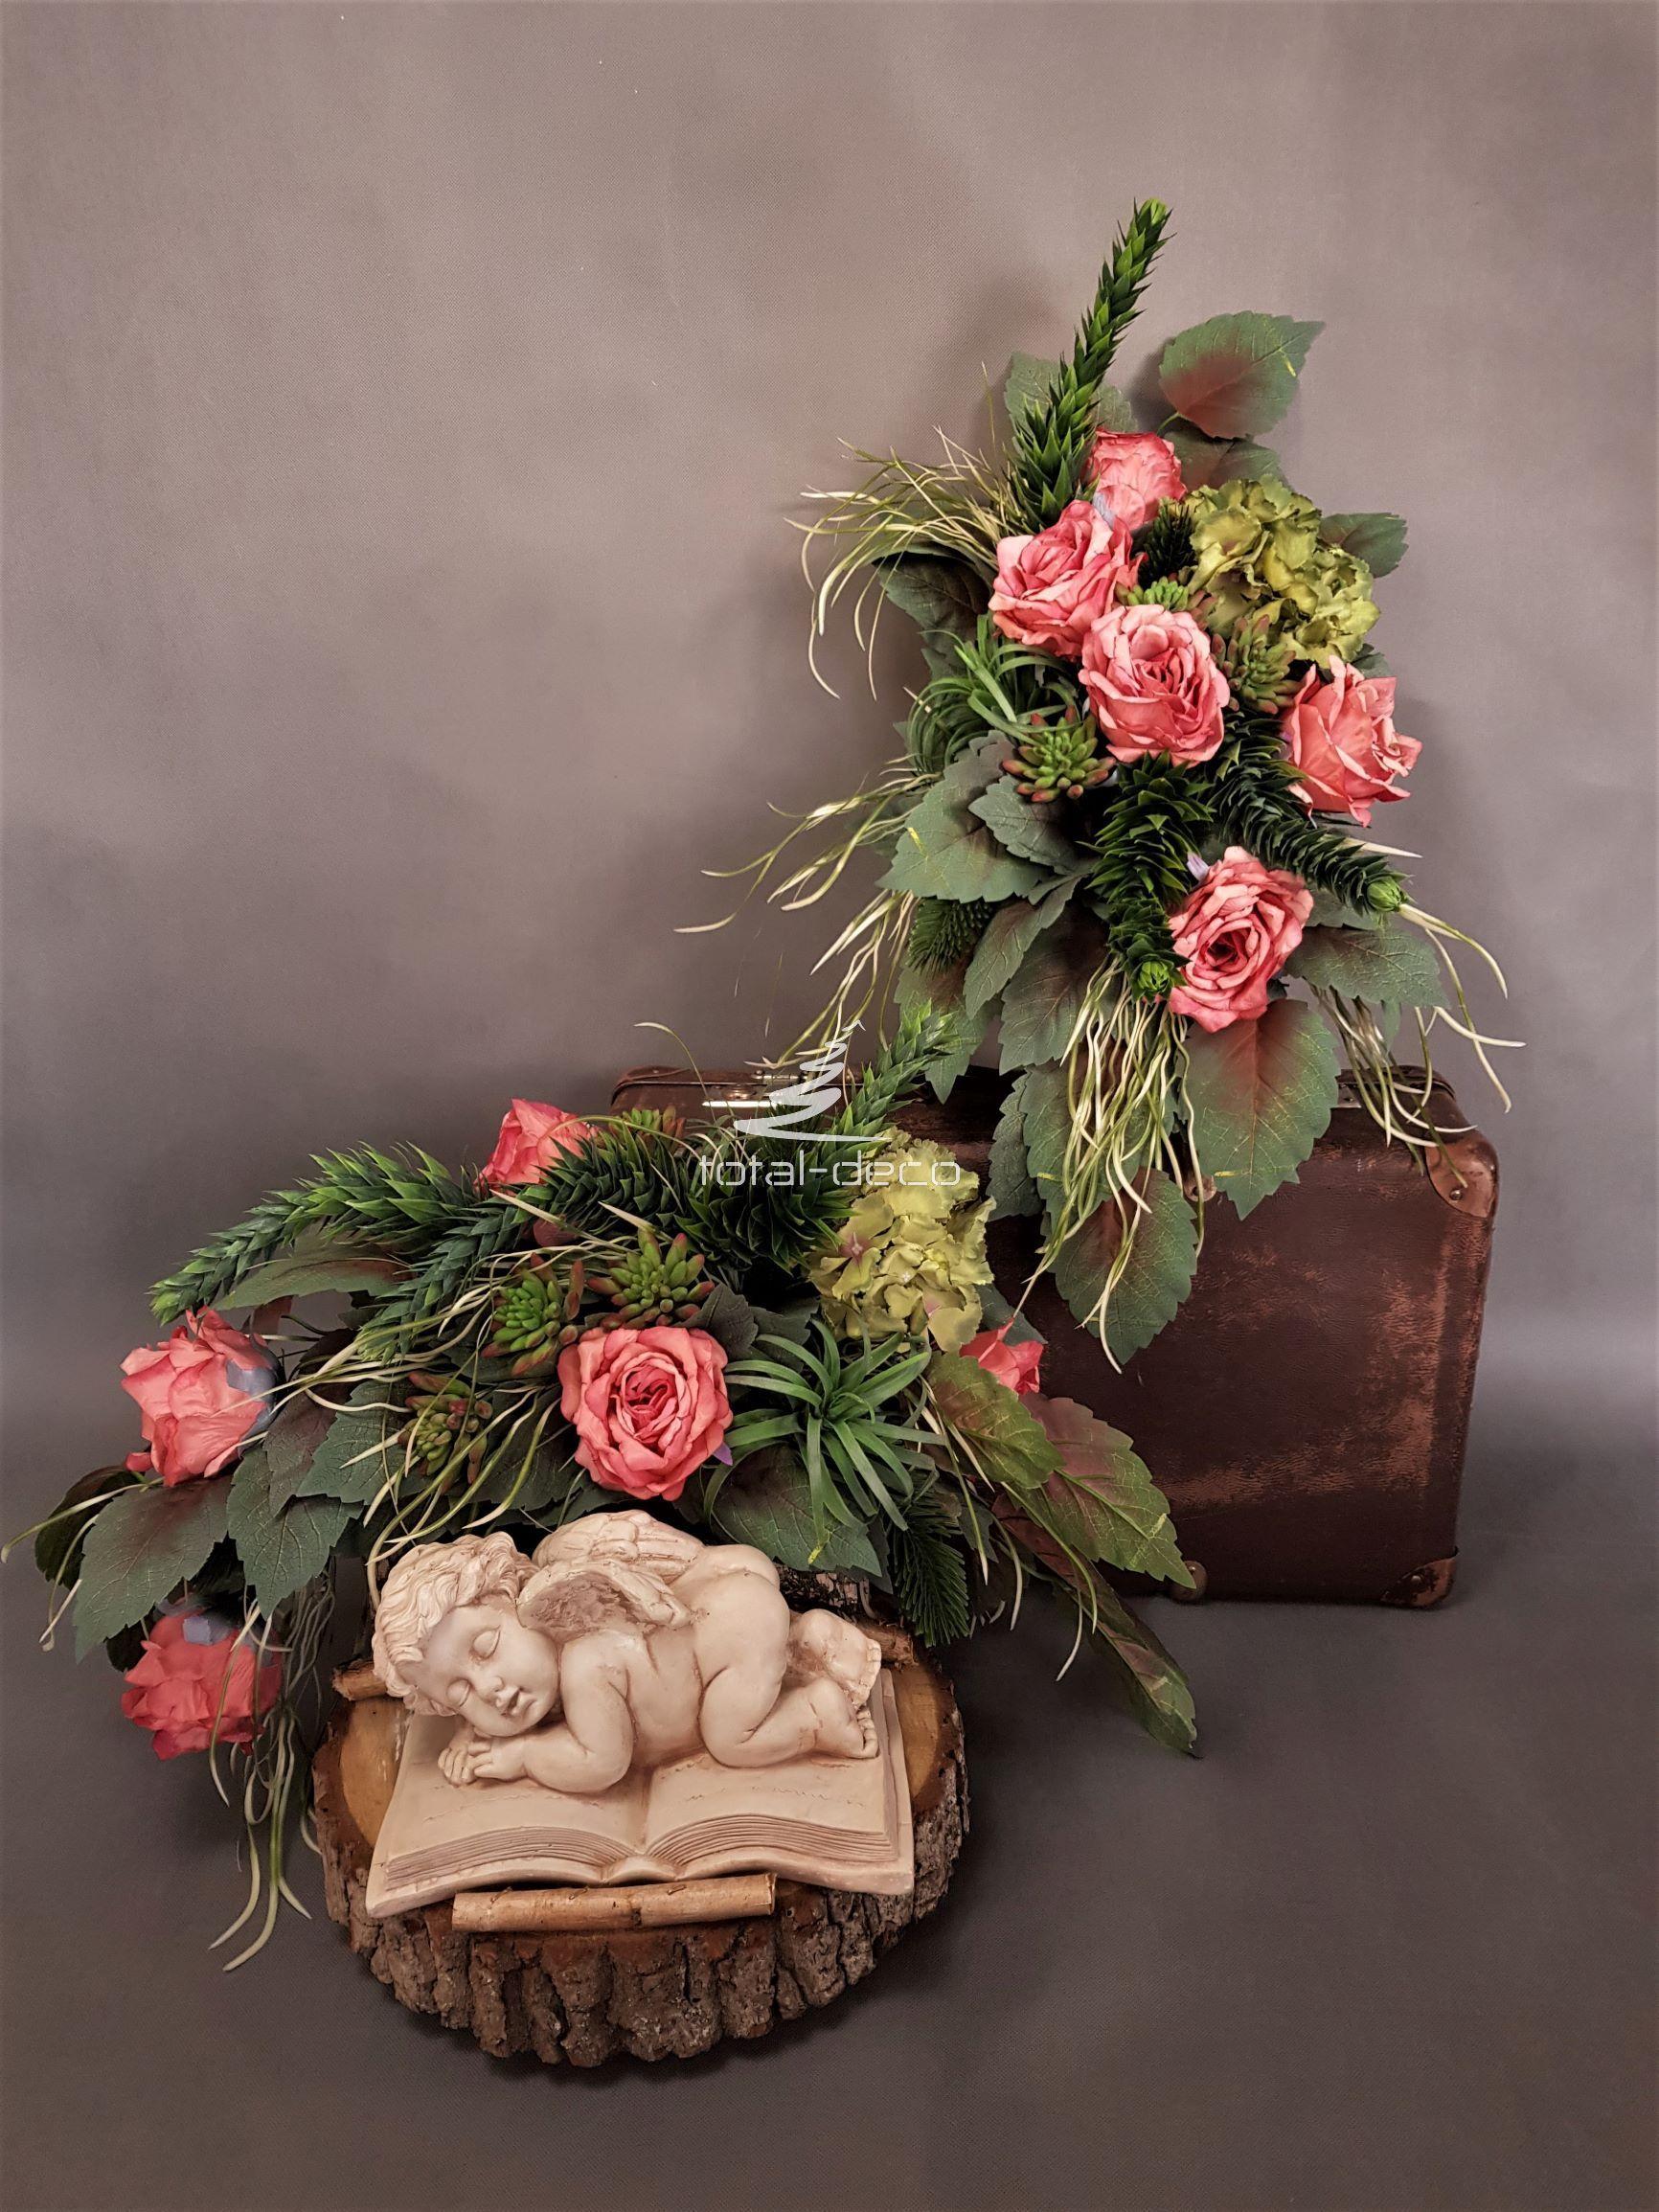 Dekoracja Na Wszystkich Swietych Ekskluzywne Stroiki Na Cmentarz Funeral Flowers Flower Arrangements Grave Decorations